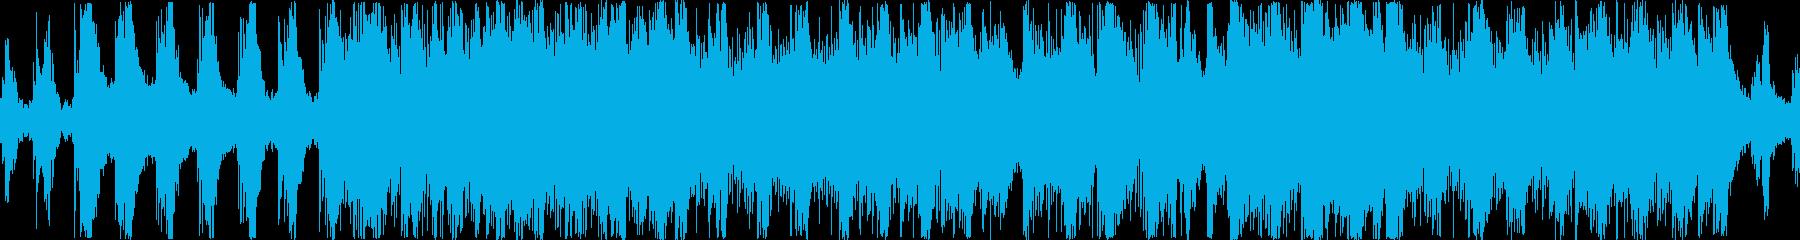 動画 感情的 説明的 繰り返しの ...の再生済みの波形